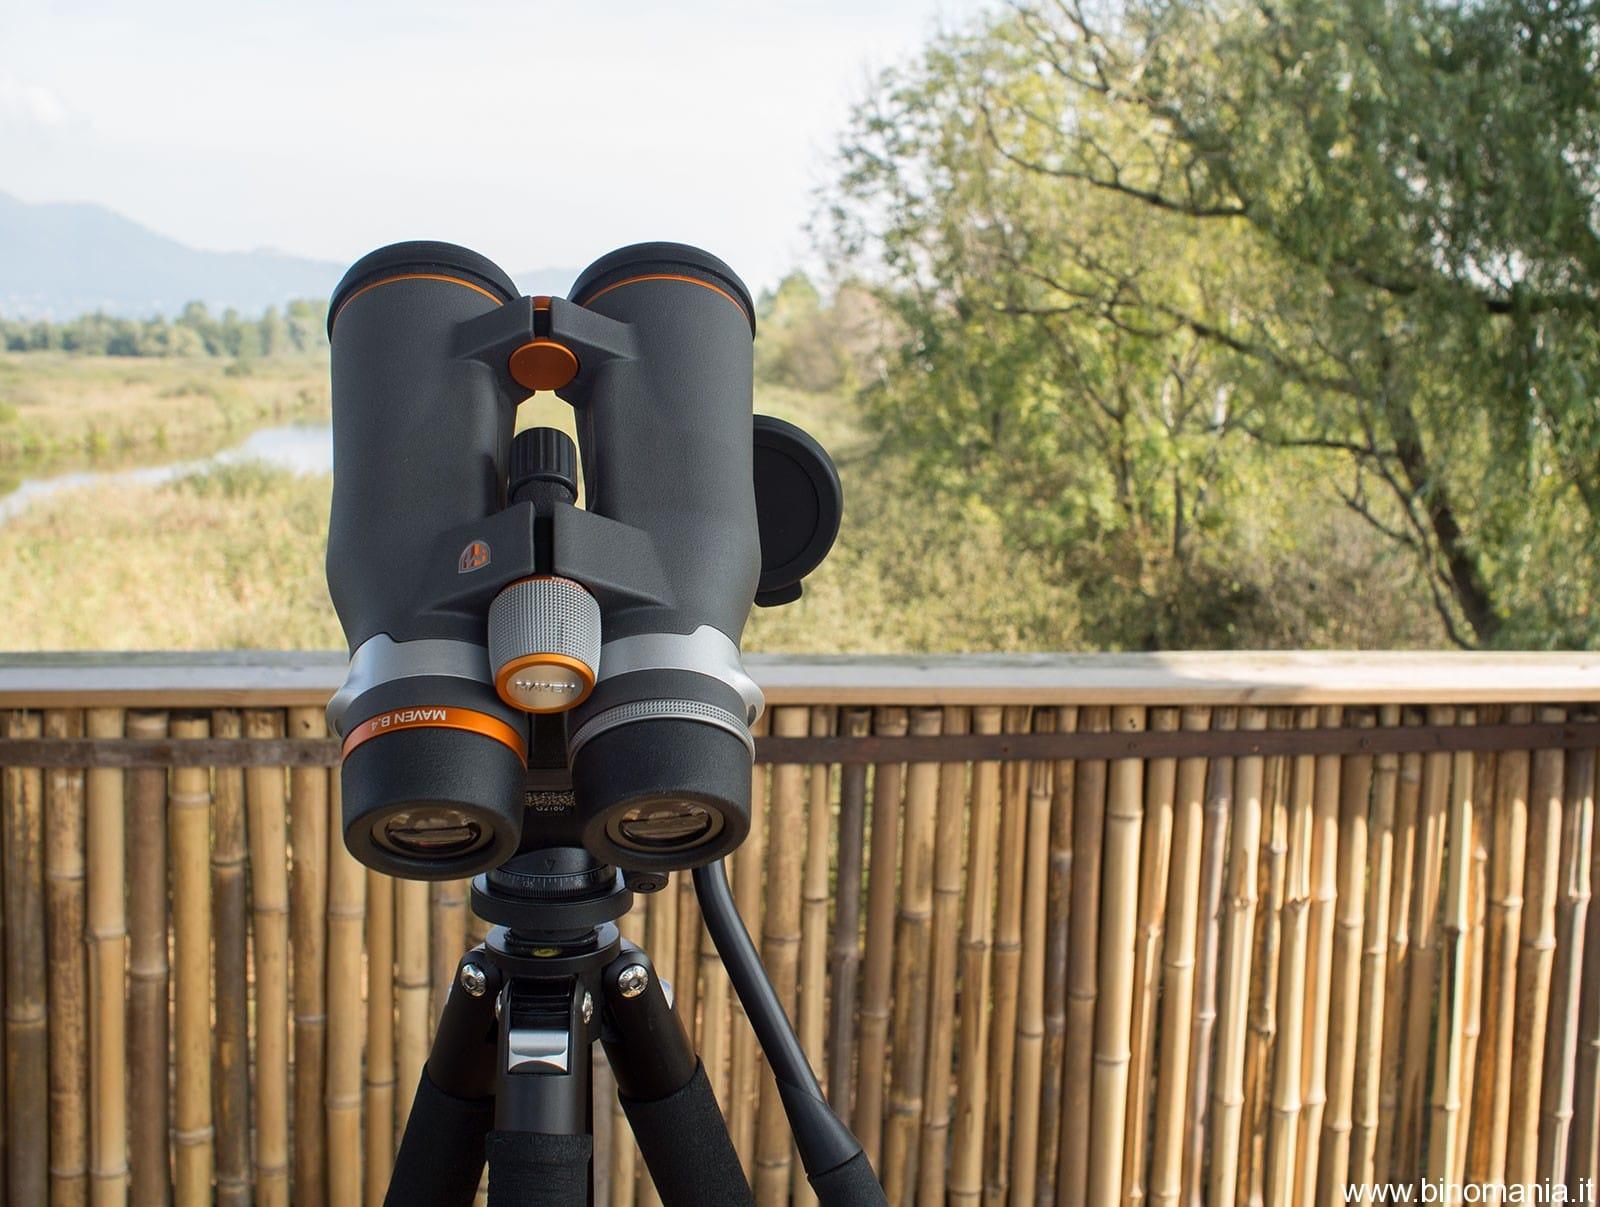 Recensione del binocolo Maven B4 15×56 HD. Cielo e Natura in ..HD!